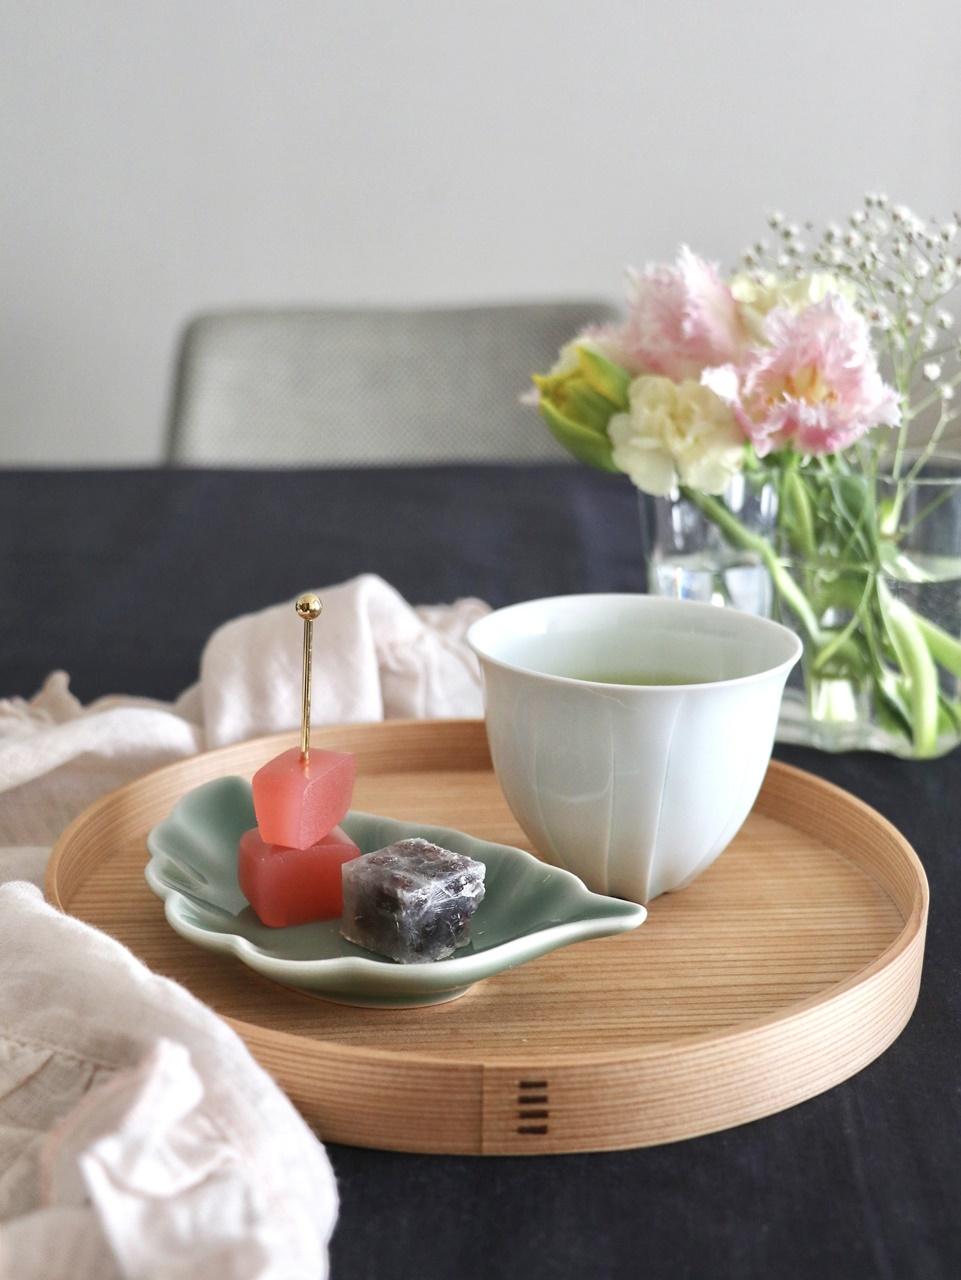 樽田裕史さんのゆらぎカップでお茶タイム